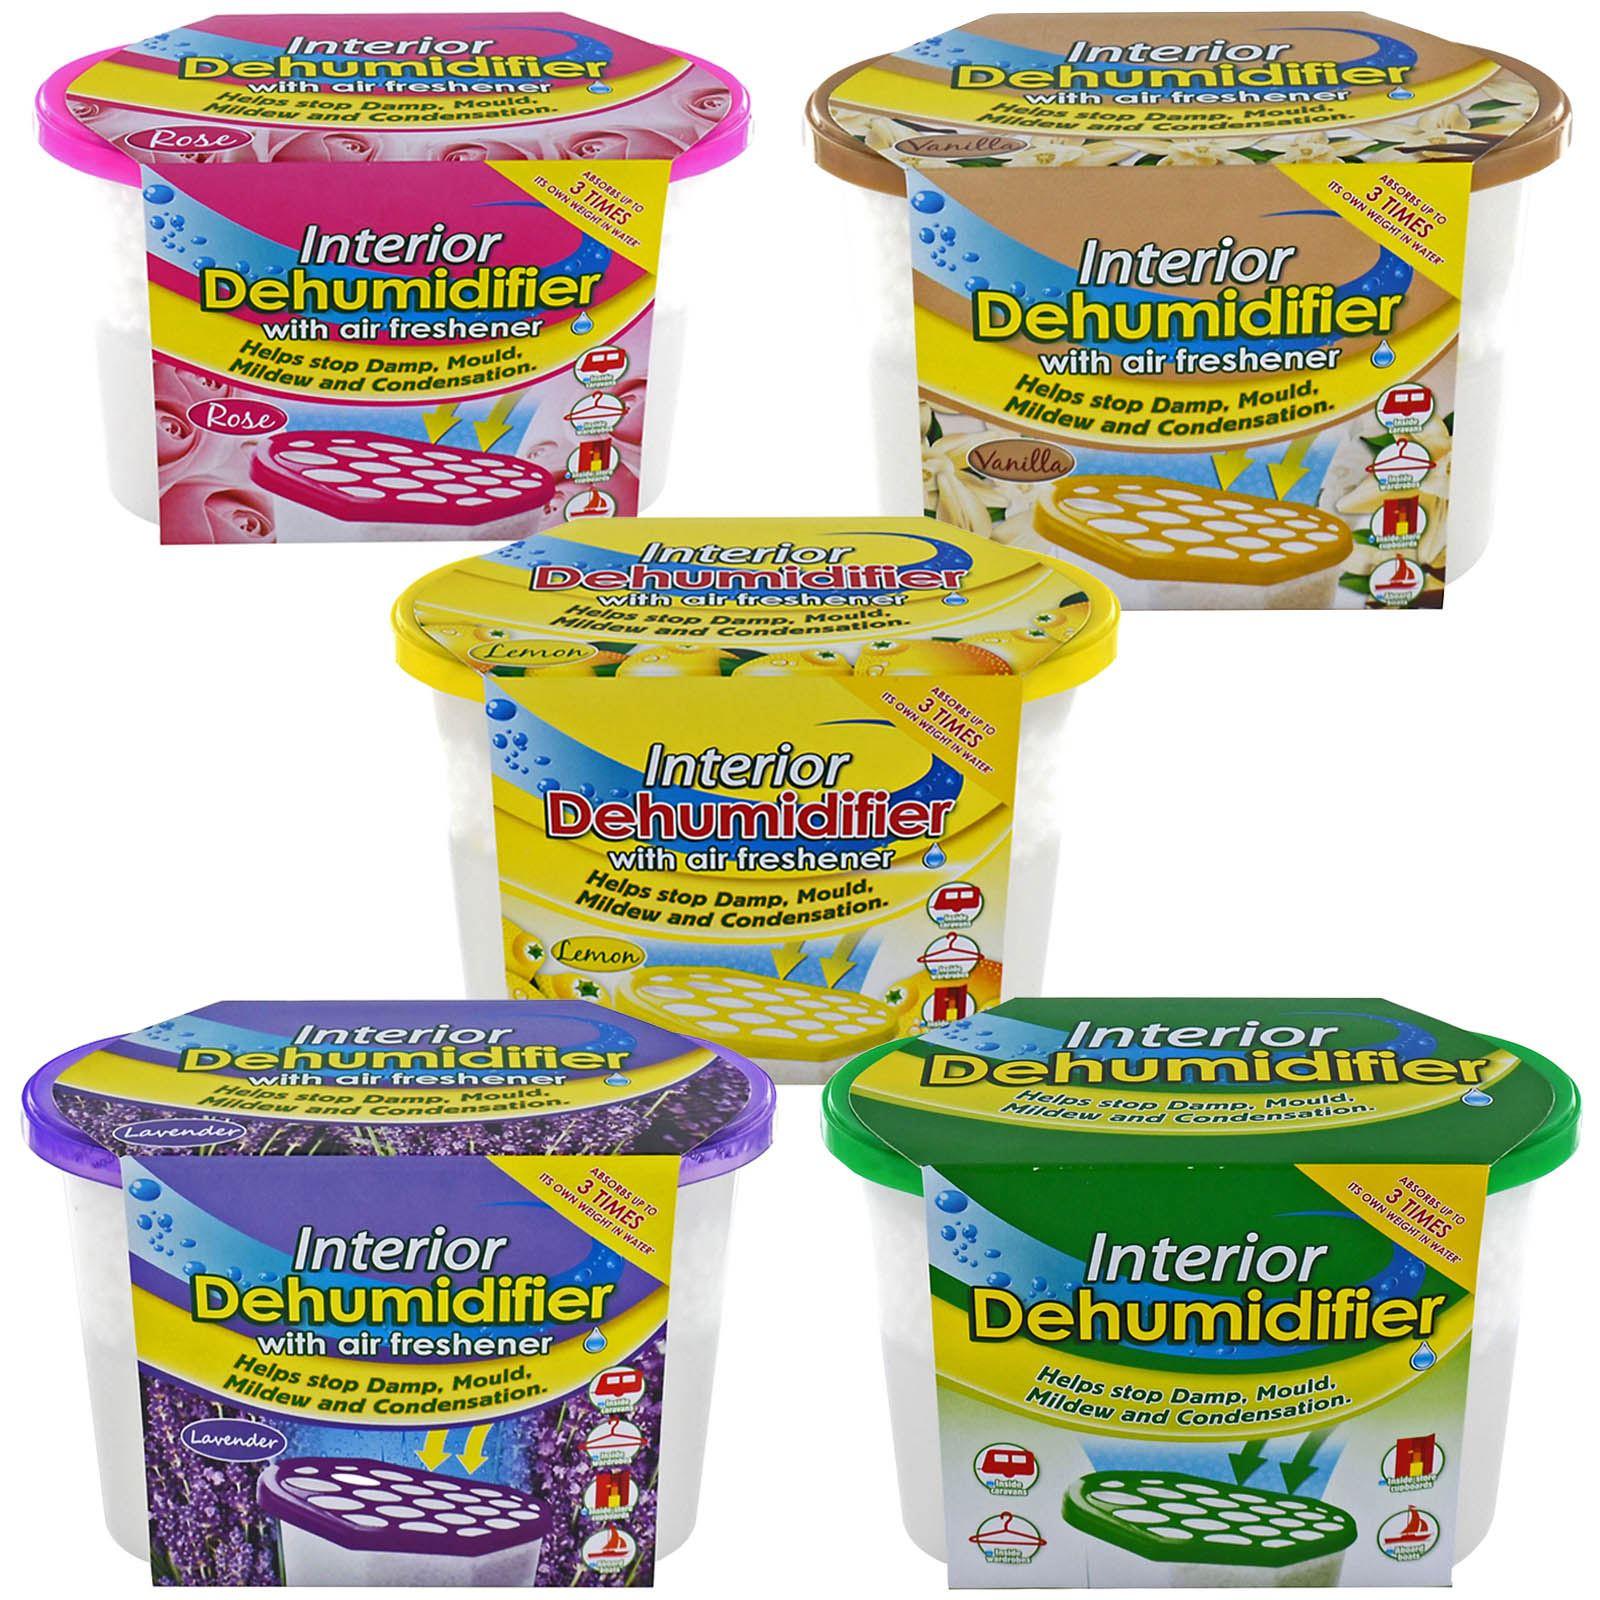 Interior Dehumidifier Air Freshener Moisture Damp Mould Mildew Condensation